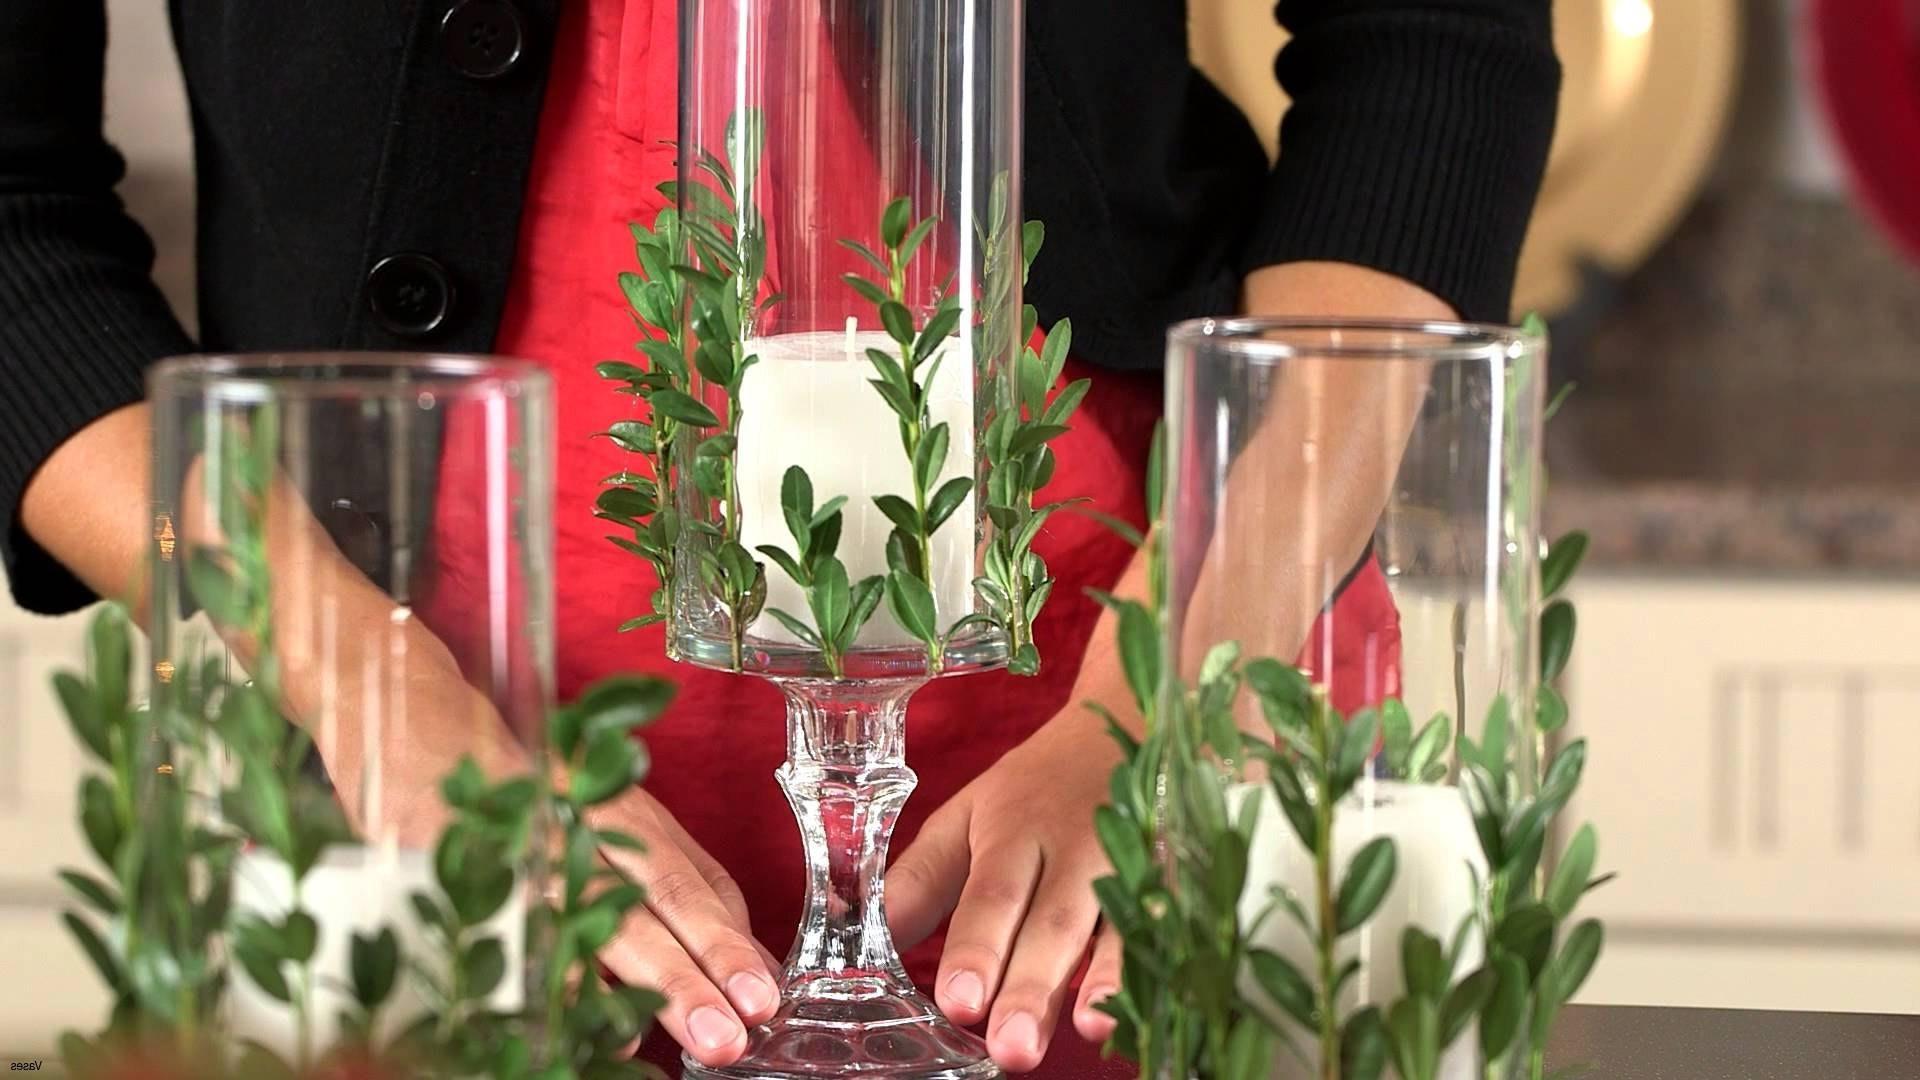 18 tall cylinder vase of 19 elegant glass cylinder vases dollar tree bogekompresorturkiye com intended for dollar tree wedding decorations awesome h vases dollar vase i 0d inspiration wedding centerpiece vases